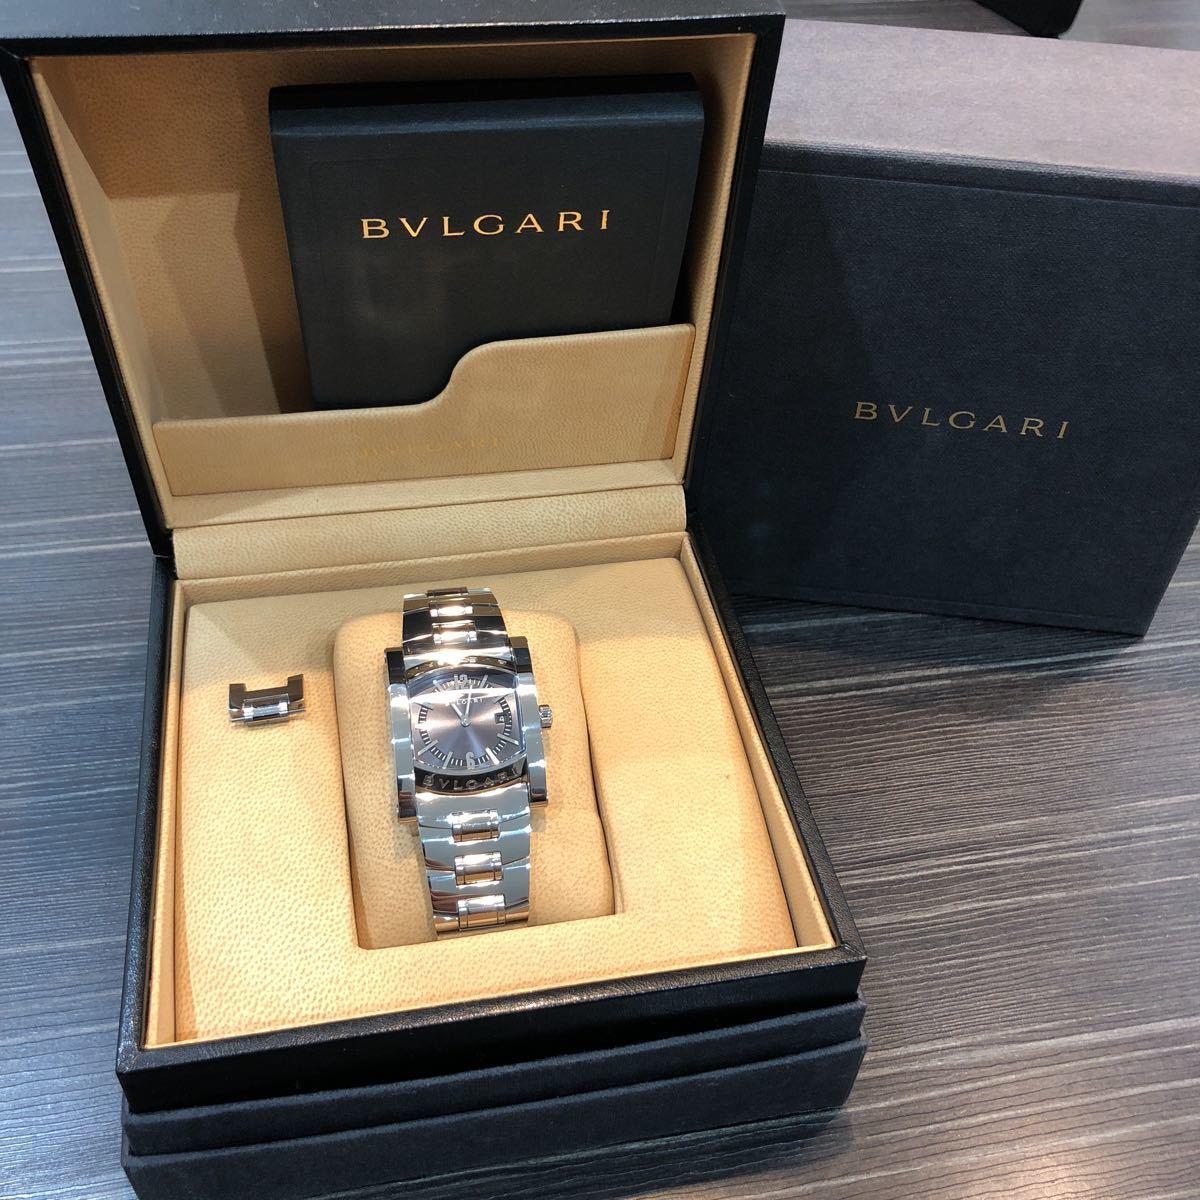 仕上げ済み 極美品 ブルガリ アショーマ AA39S BVLGARI 腕時計 レディース_画像2